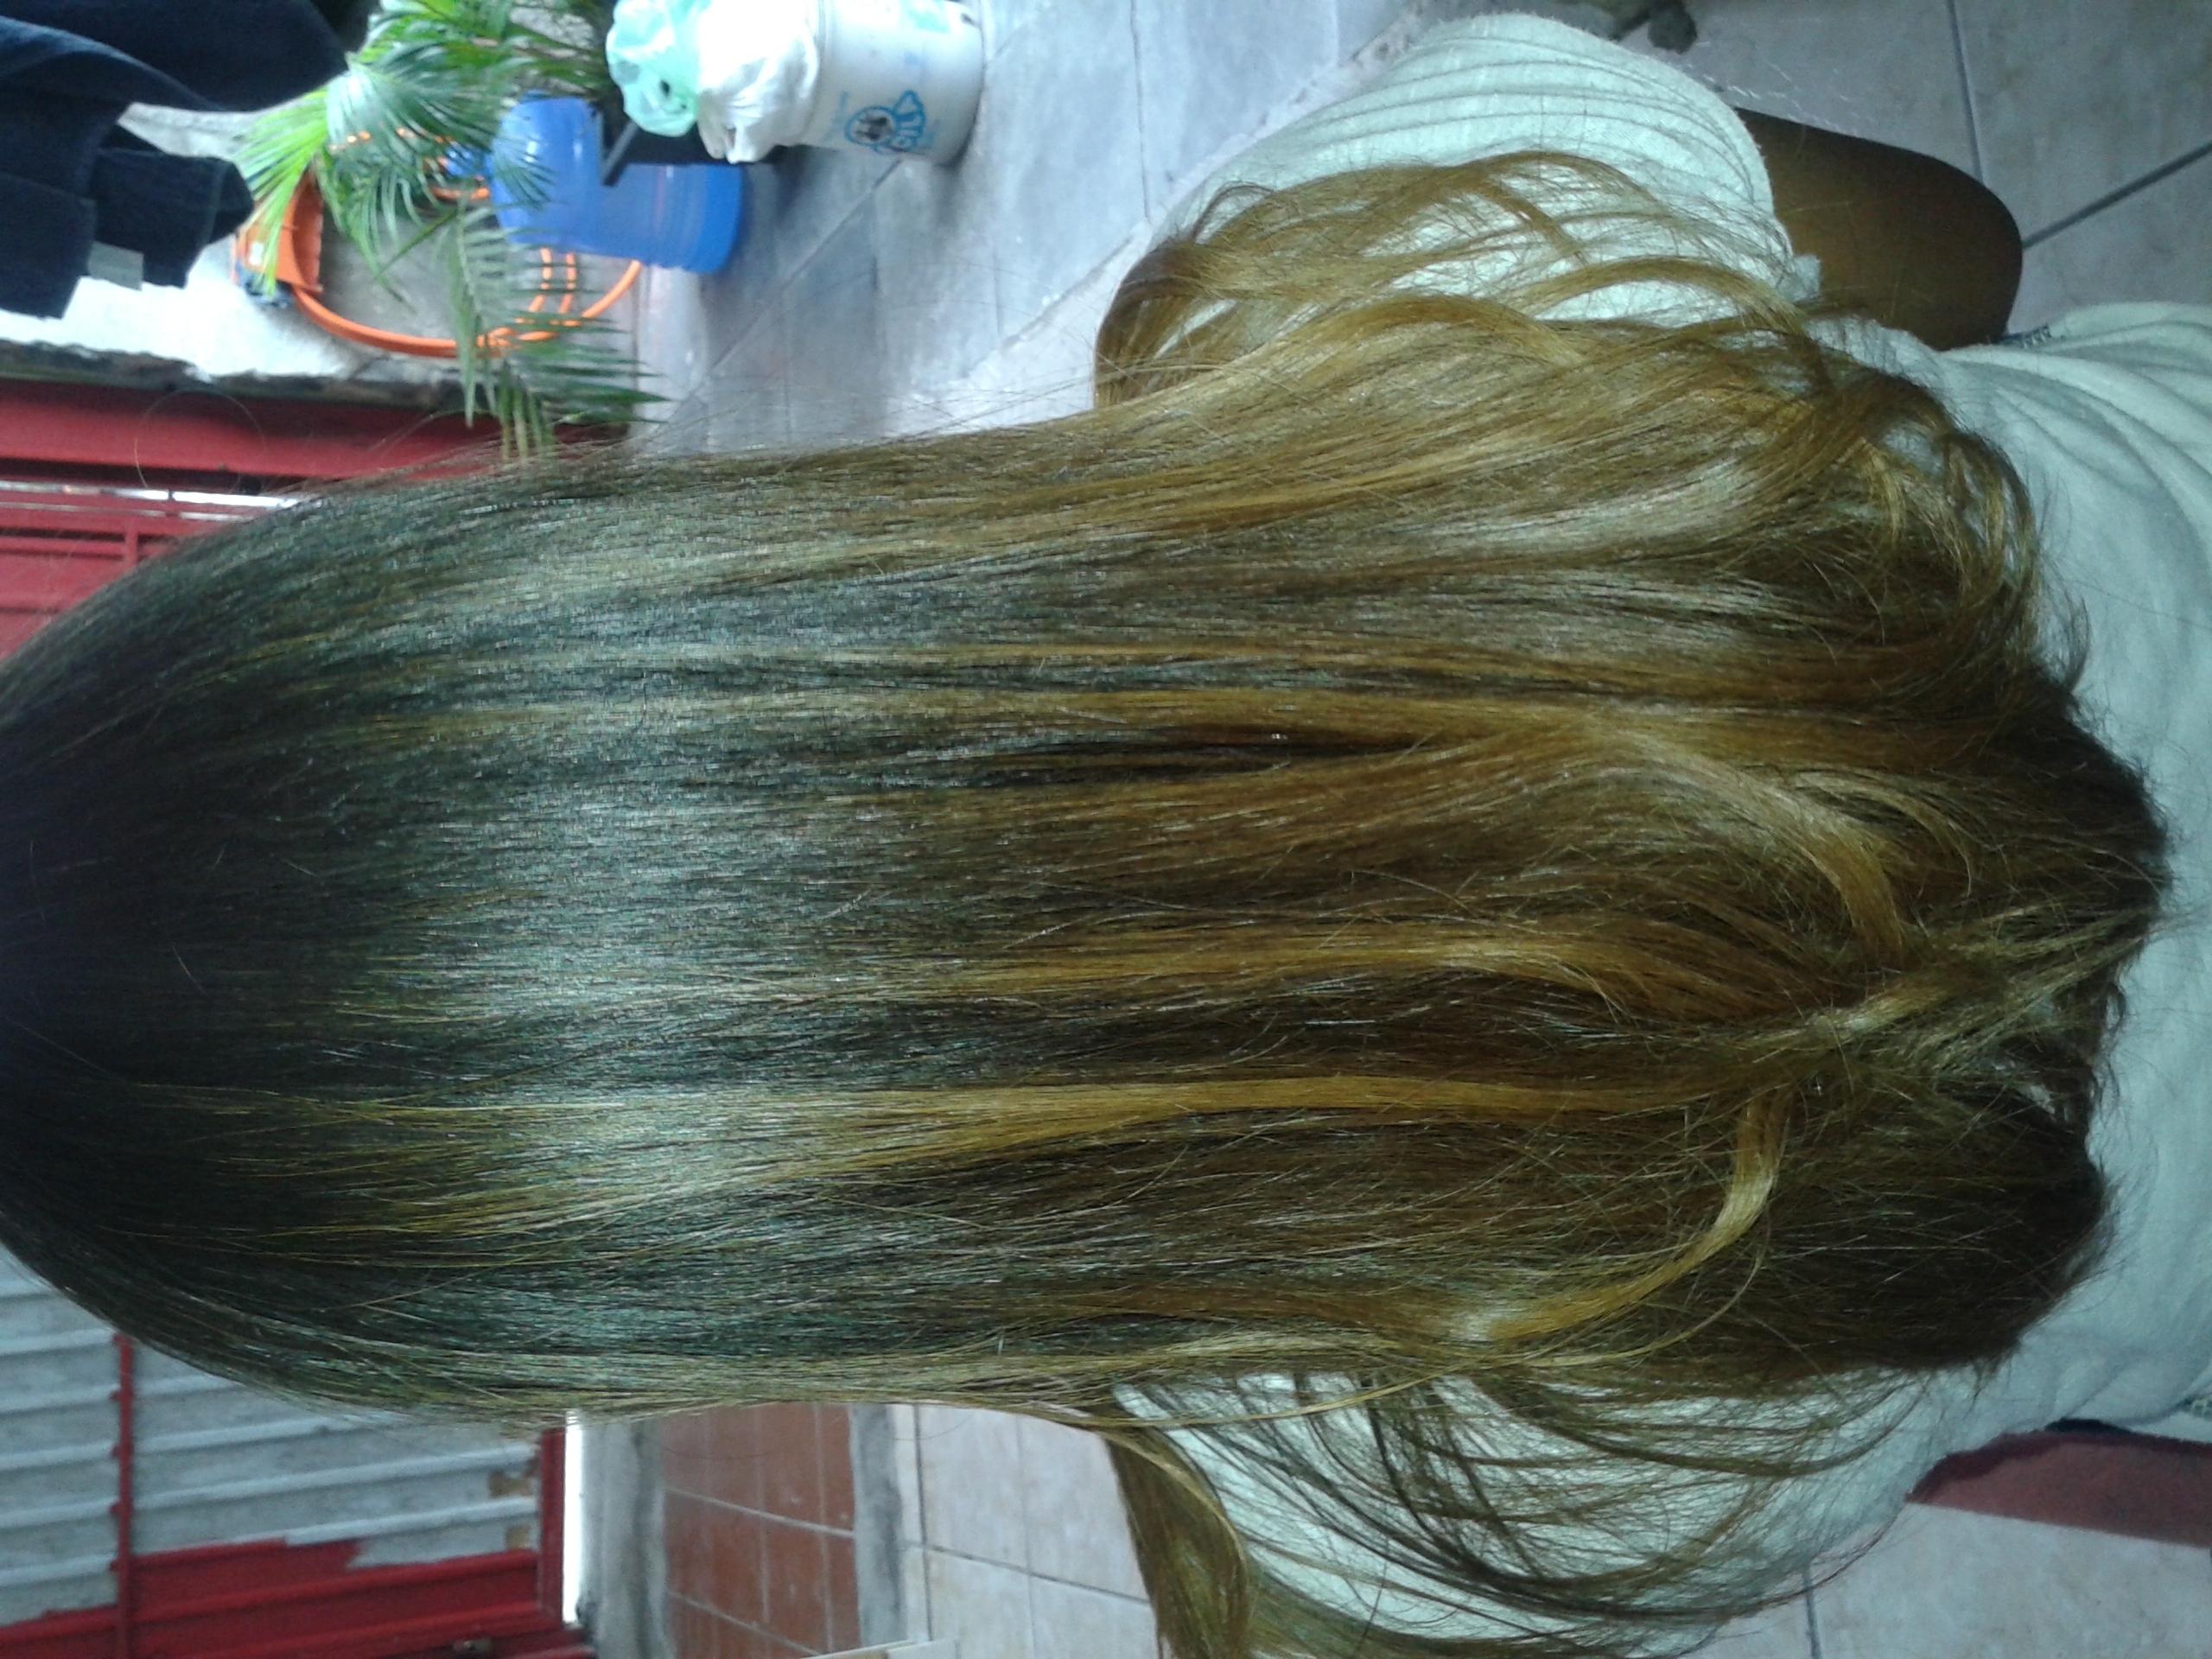 #minhaprogressiva #bycris que fiz na minha vizinha um cabelo bastante volumoso e muito ondulado e nunca fiz curso ; D estudante (cabeleireiro) auxiliar cabeleireiro(a) auxiliar administrativo gerente estudante